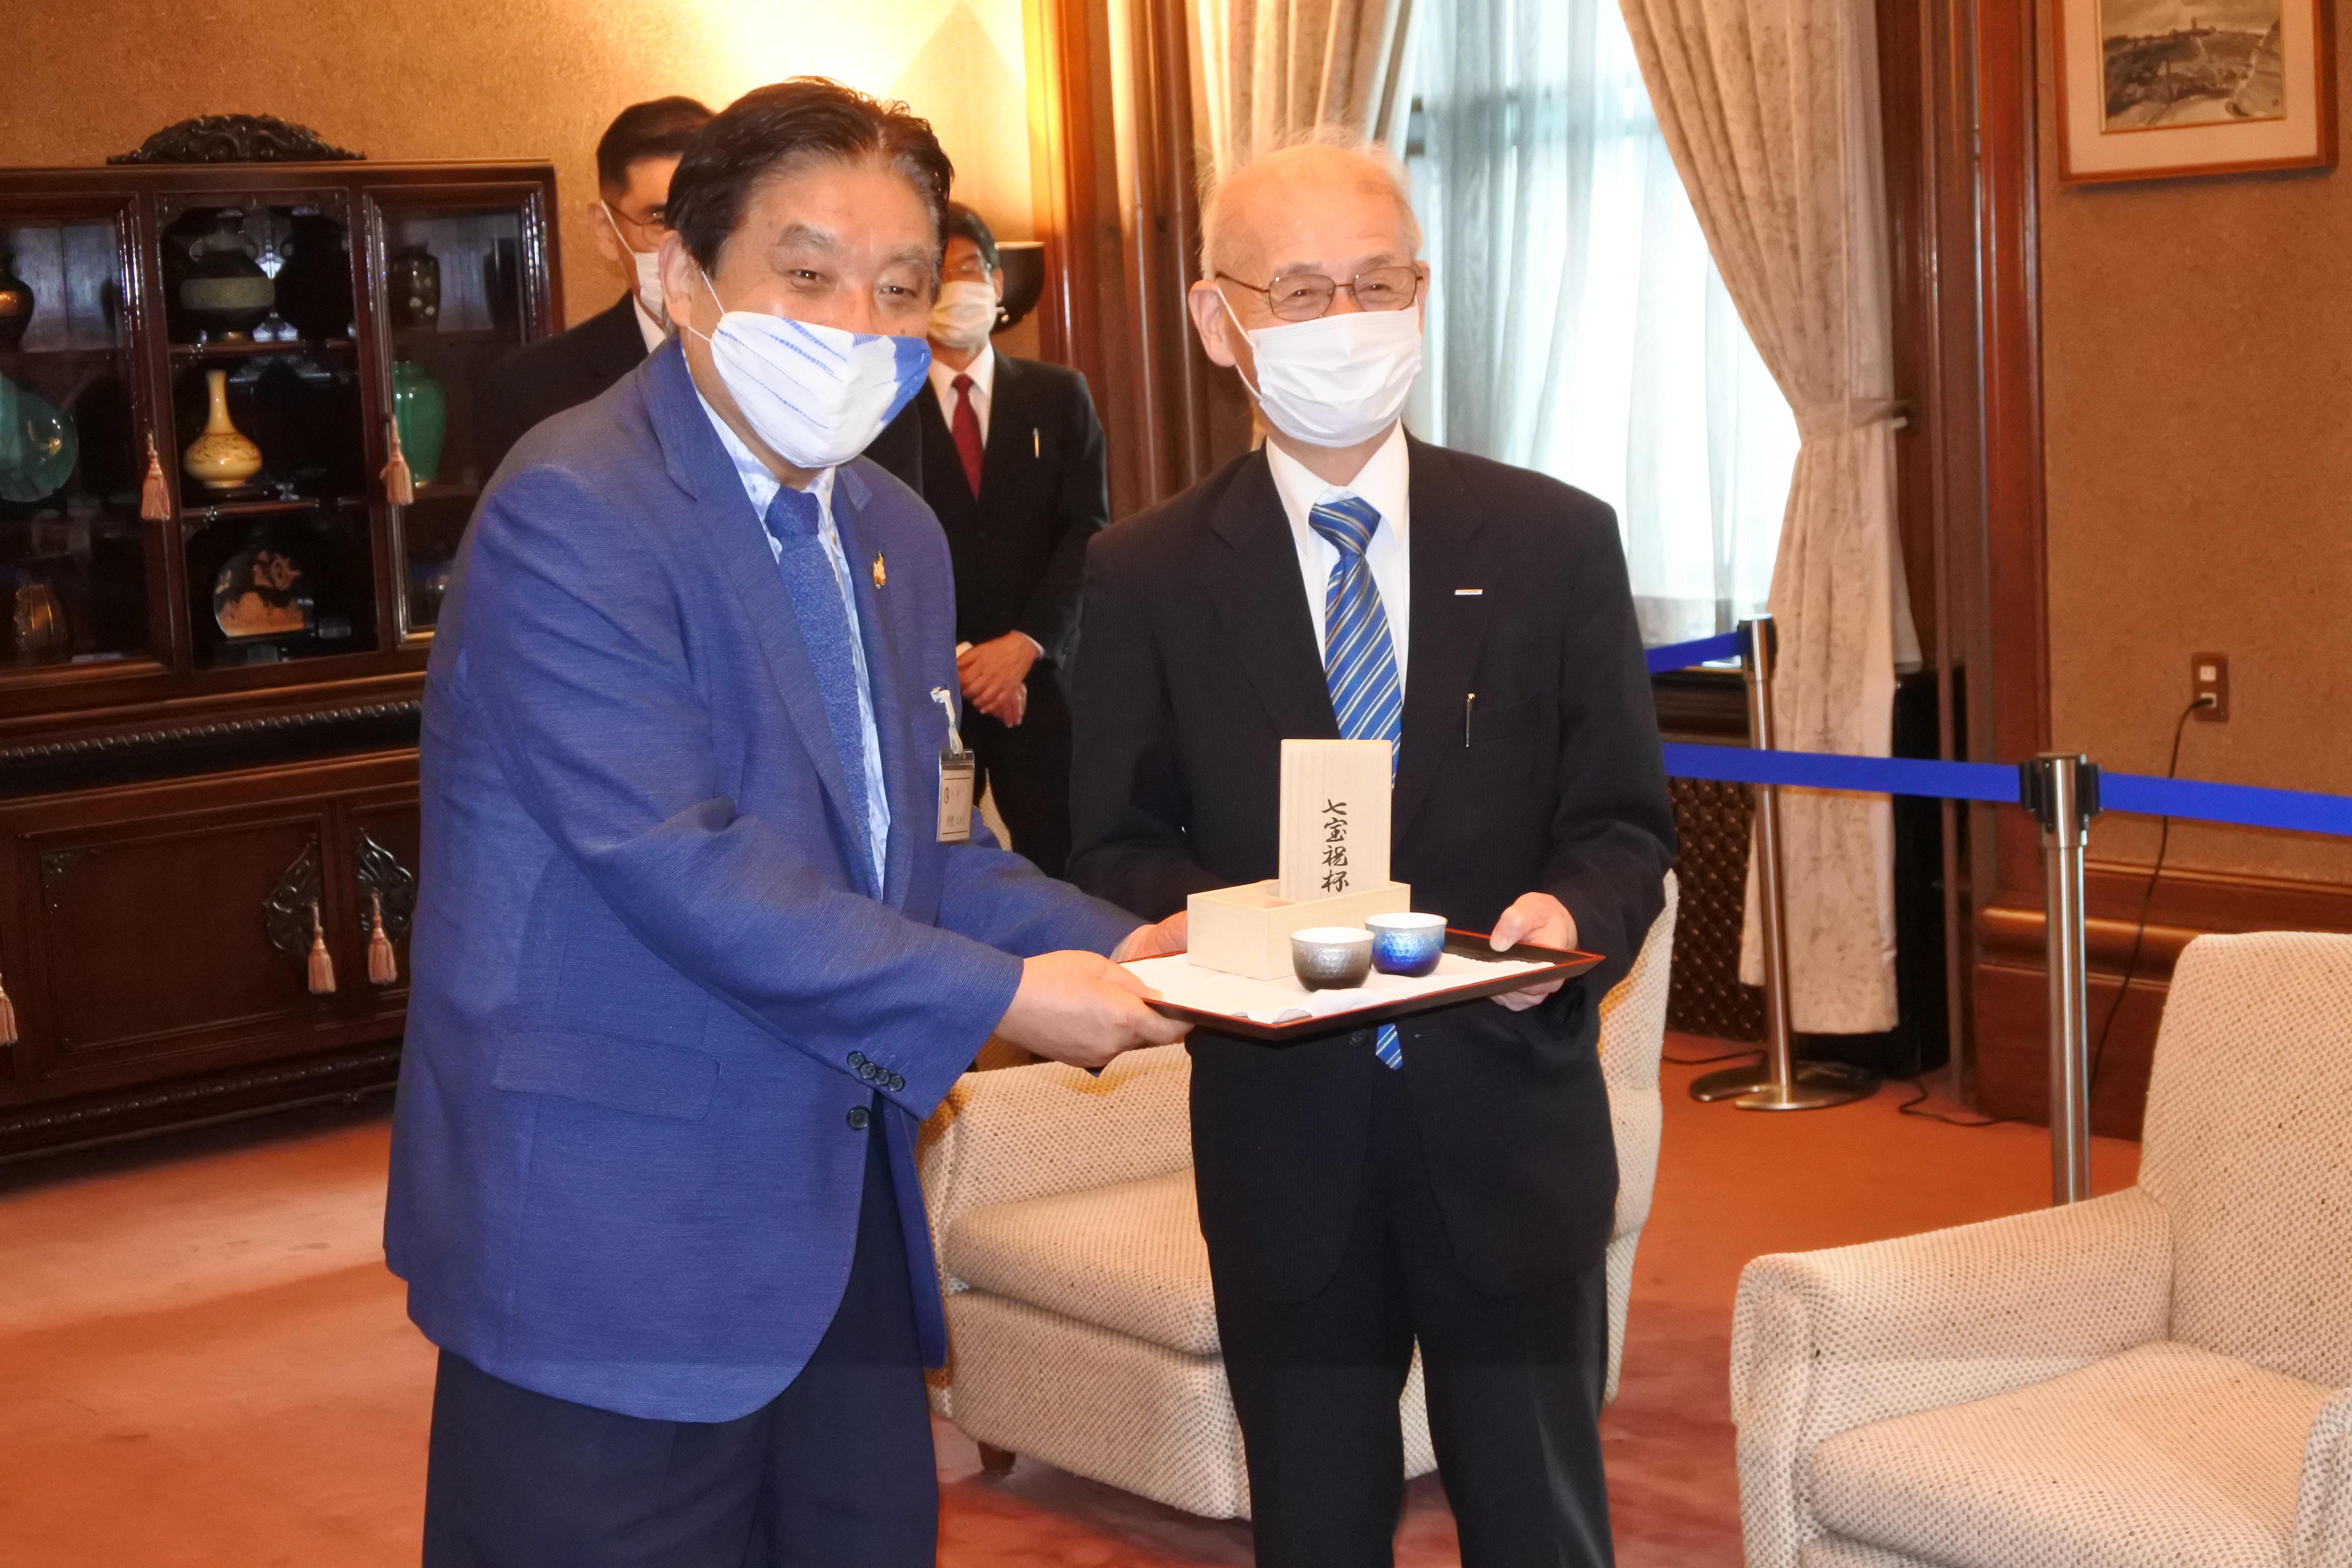 記念品の七宝祝杯を持って記念撮影する吉野教授と河村市長